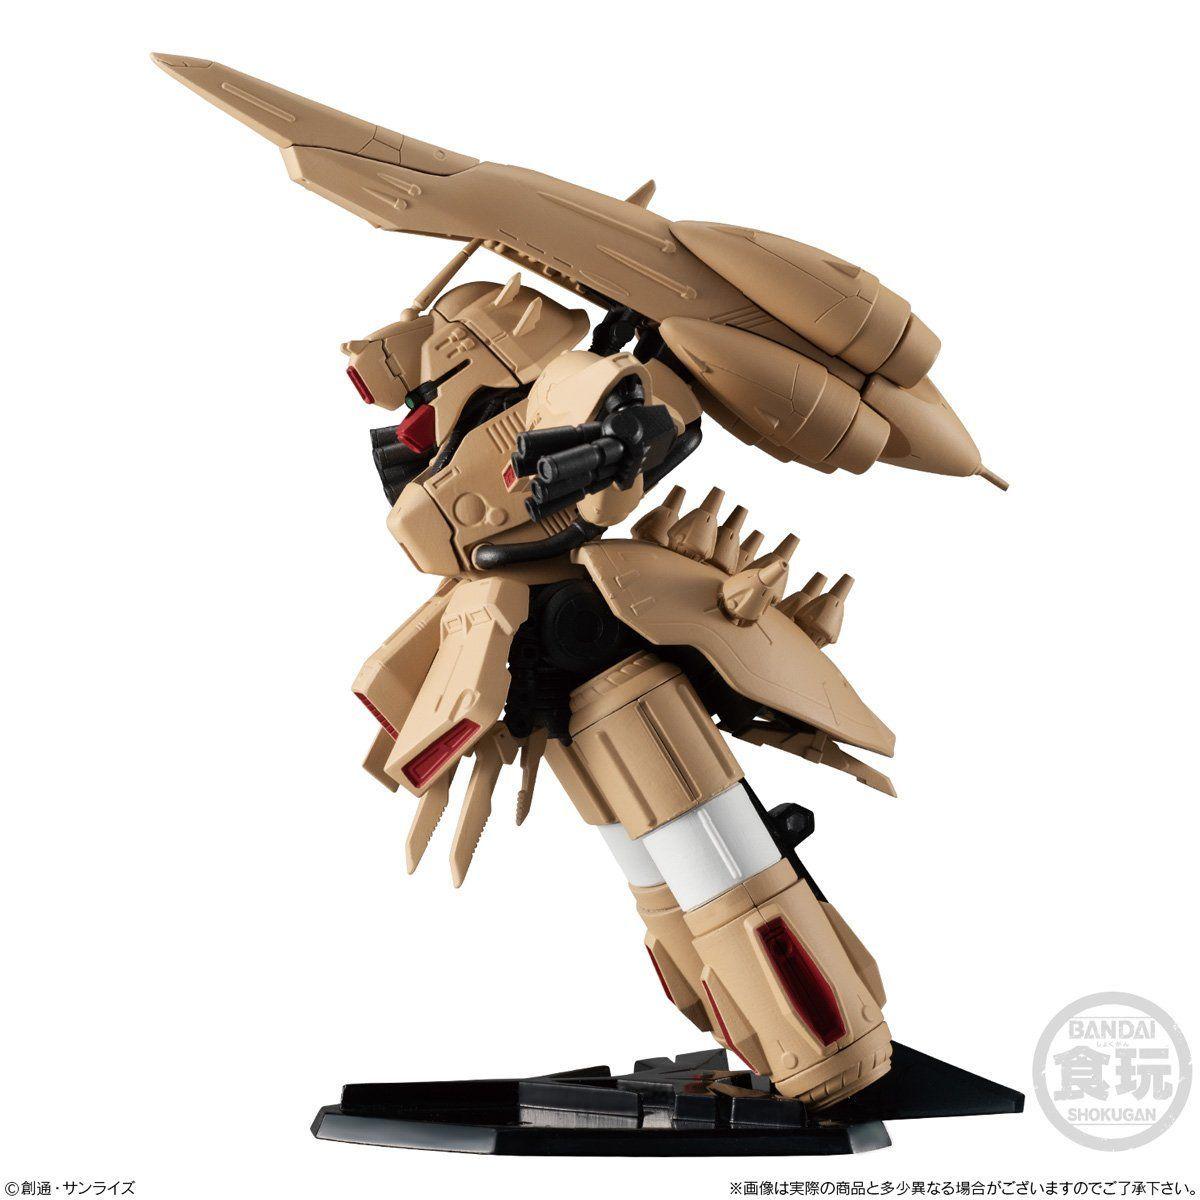 【食玩】FWコンバージ『FW GUNDAM CONVERGE EX33 α・アジール』機動戦士ガンダム 逆襲のシャア デフォルメ可動フィギュア-004